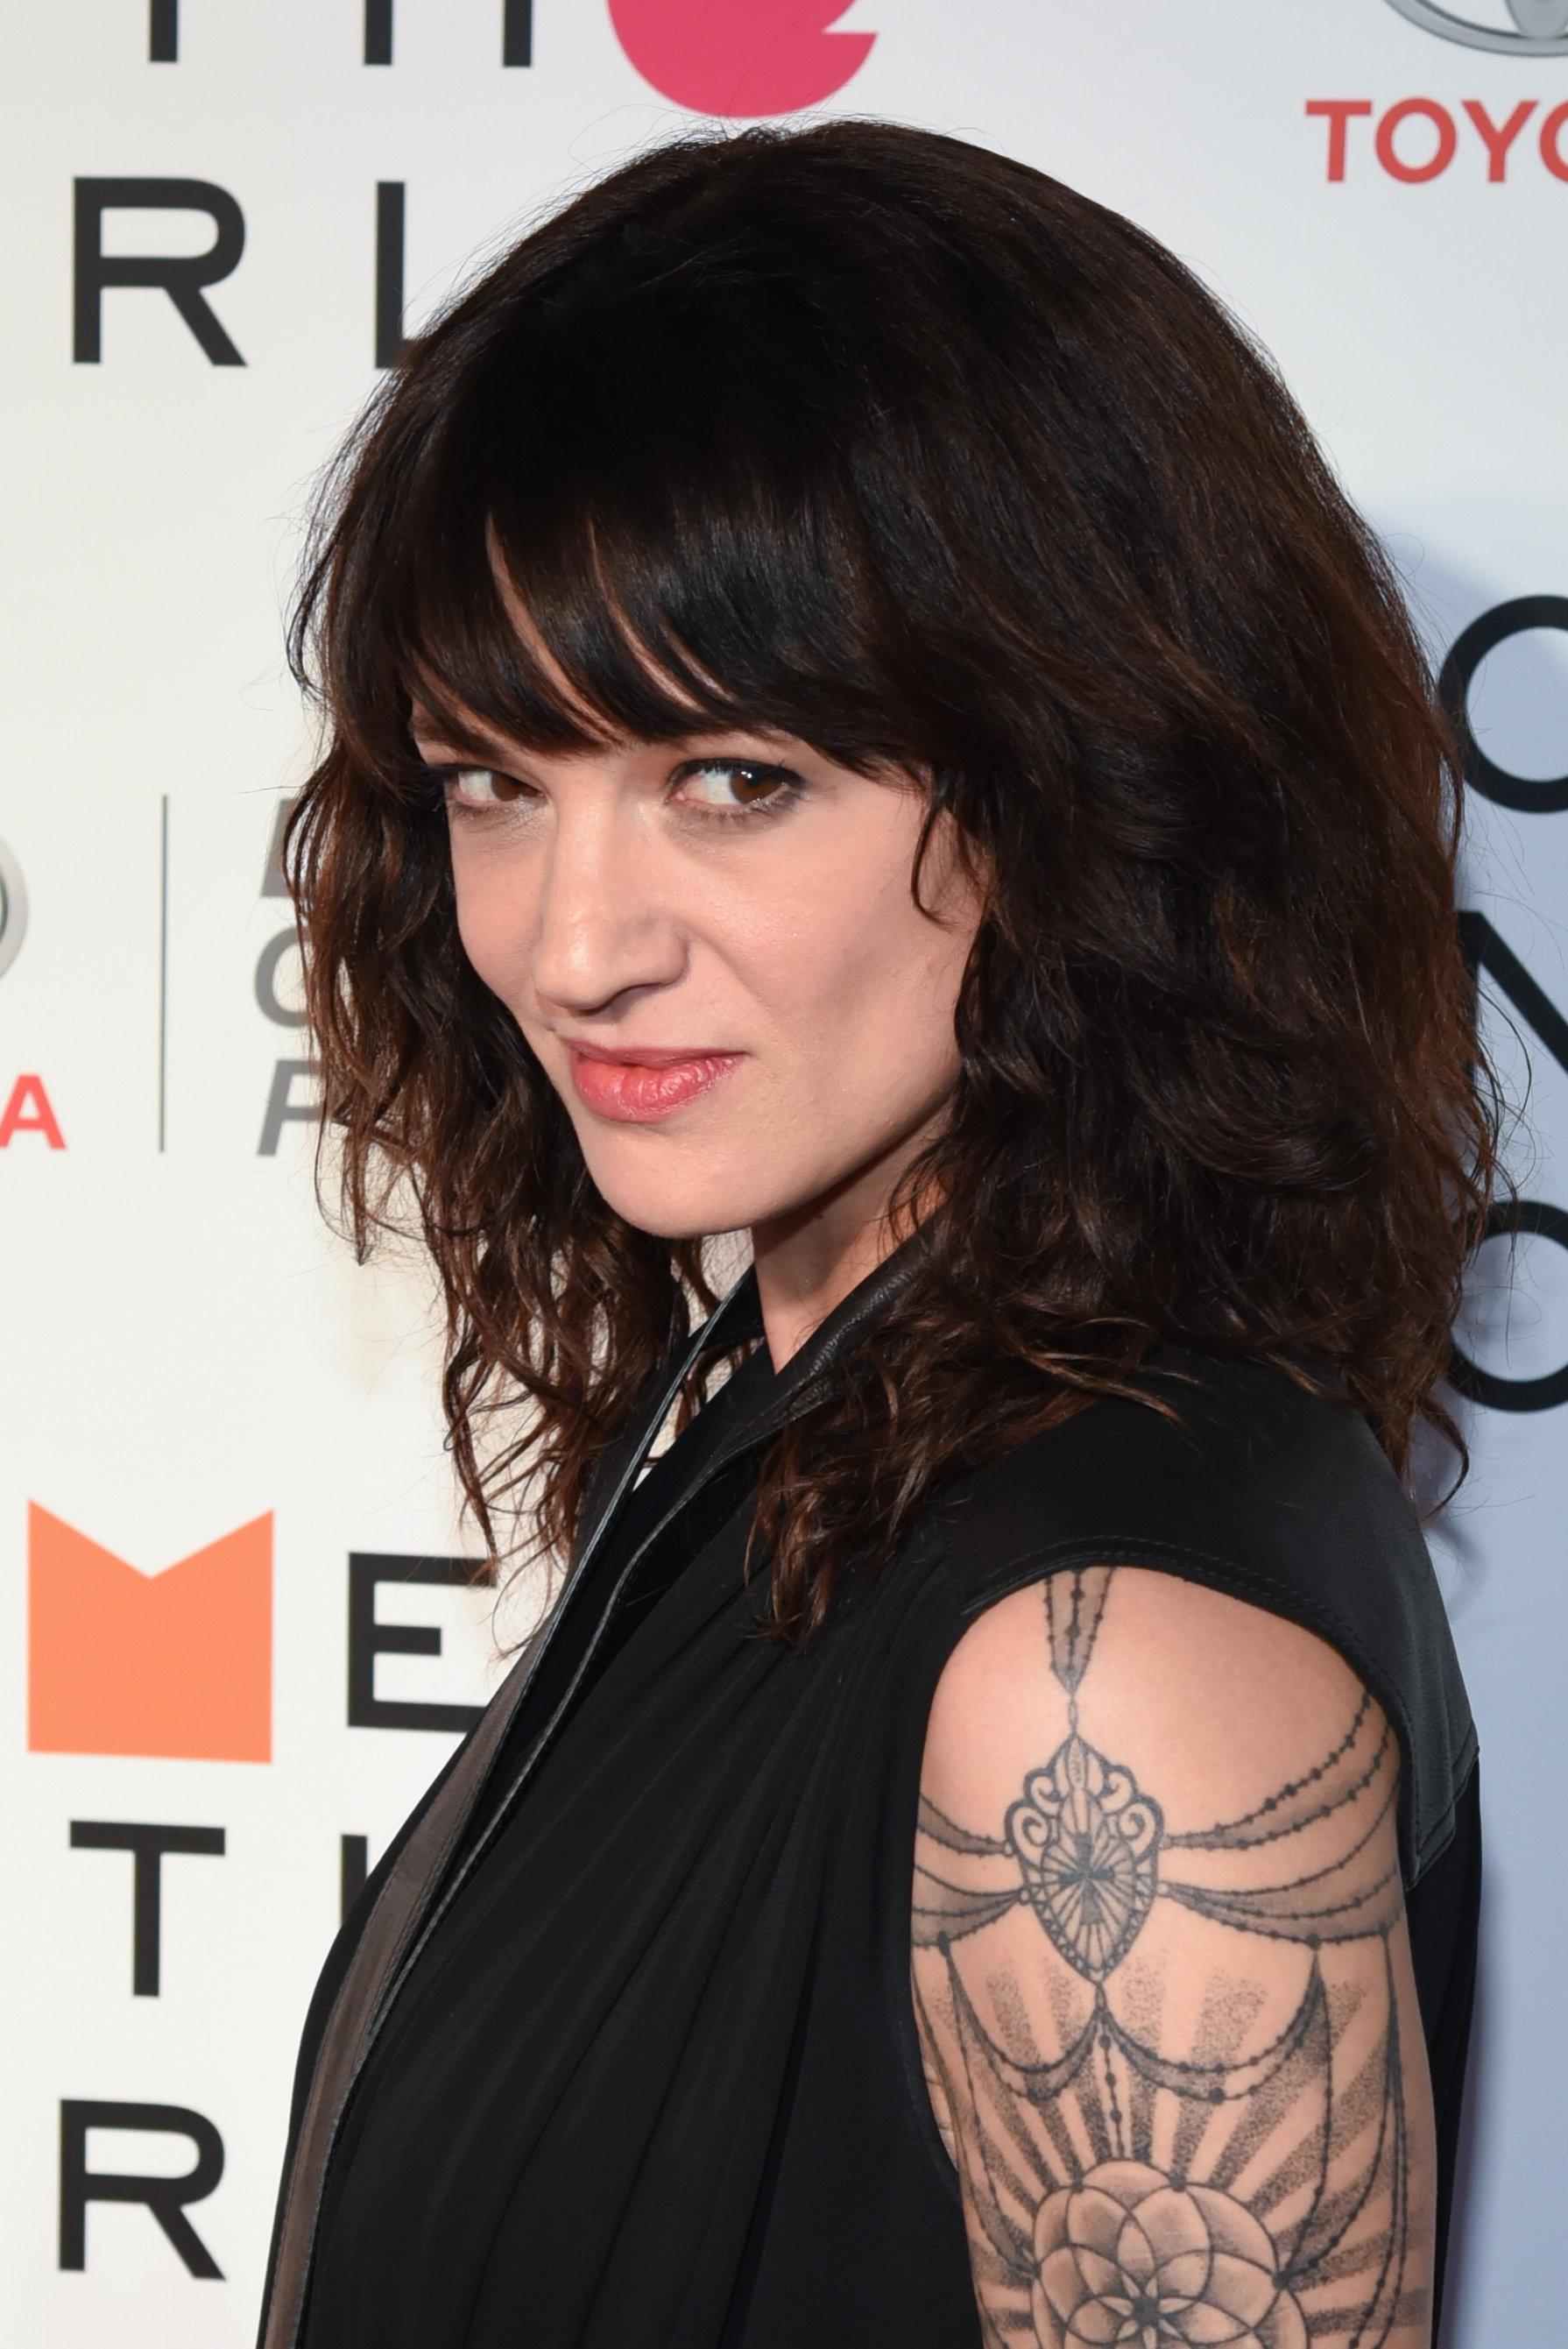 Αζια Αρτζέντο: Περφόρμανς με εσώρουχα, τατουάζ και γόβα